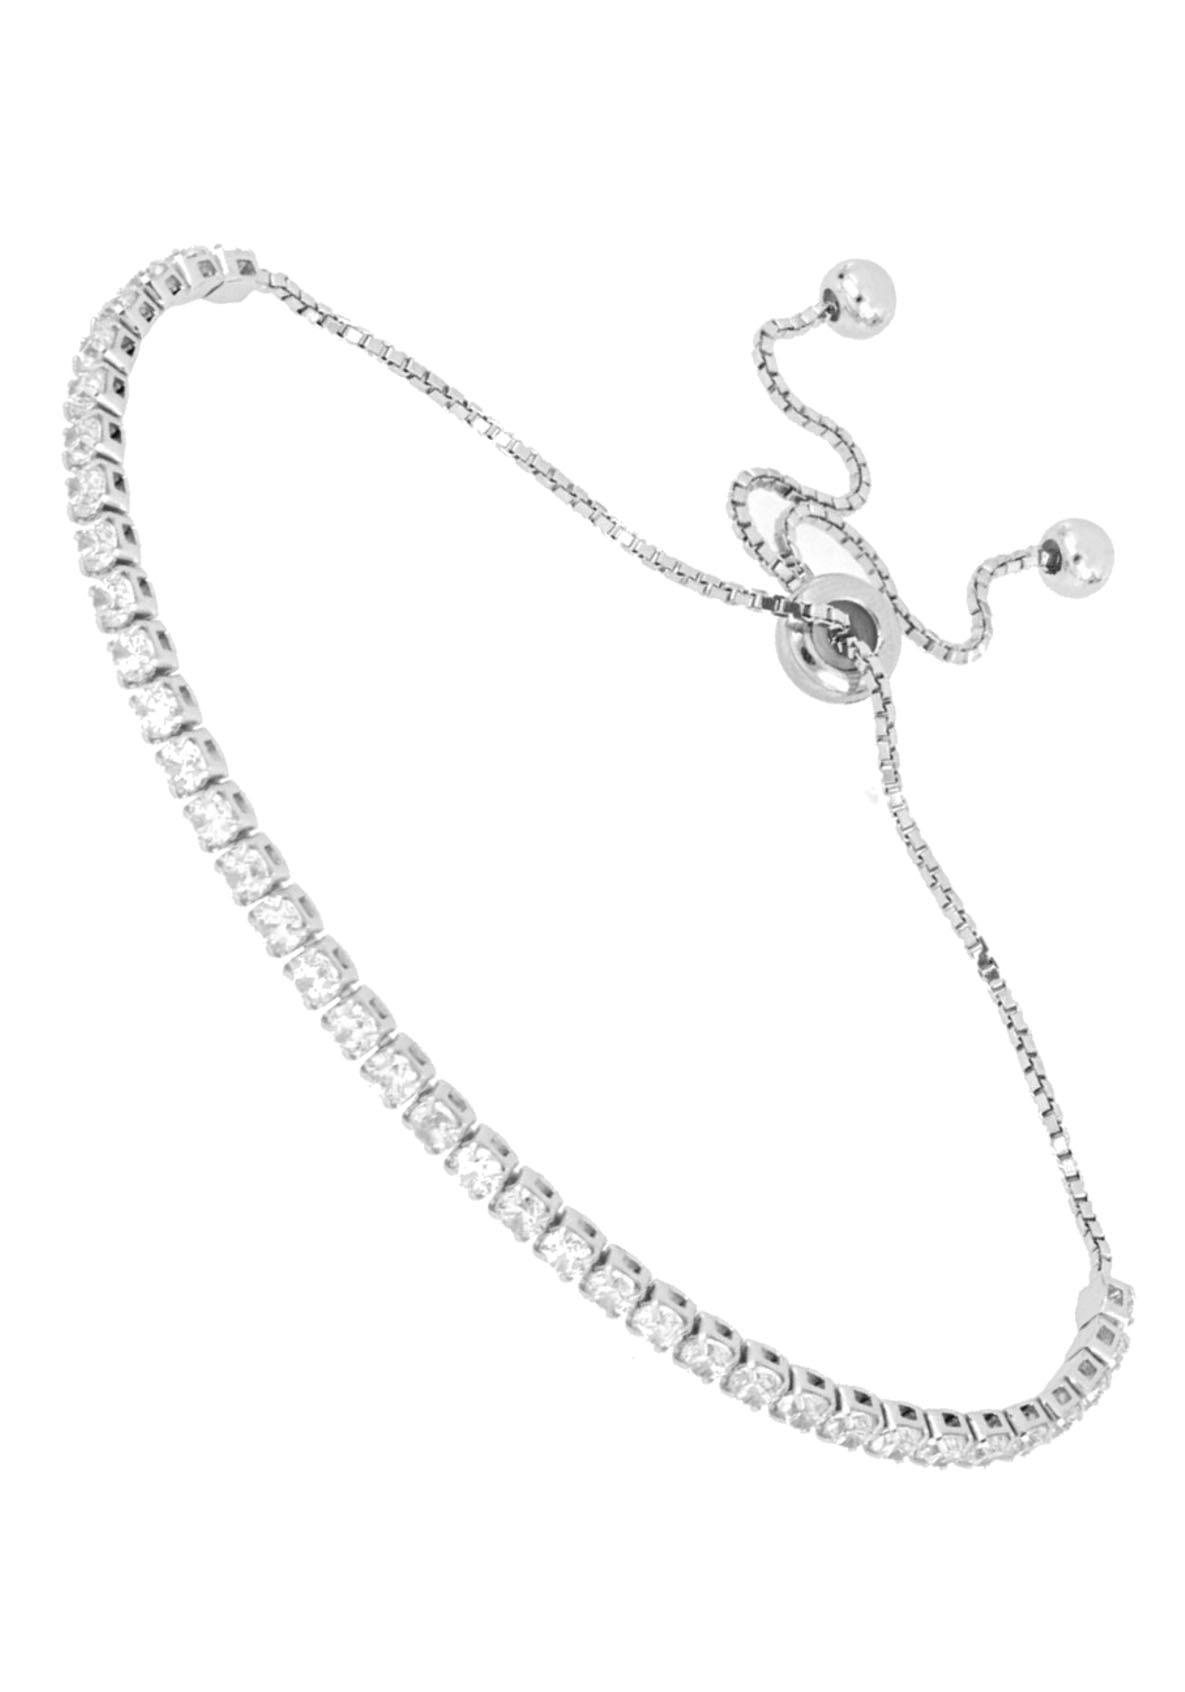 Firetti Tennisarmband schlicht und mit eingefasstem Zwischenelement, hochglanzpoliert, rhodiniert   Schmuck > Armbänder   Firetti